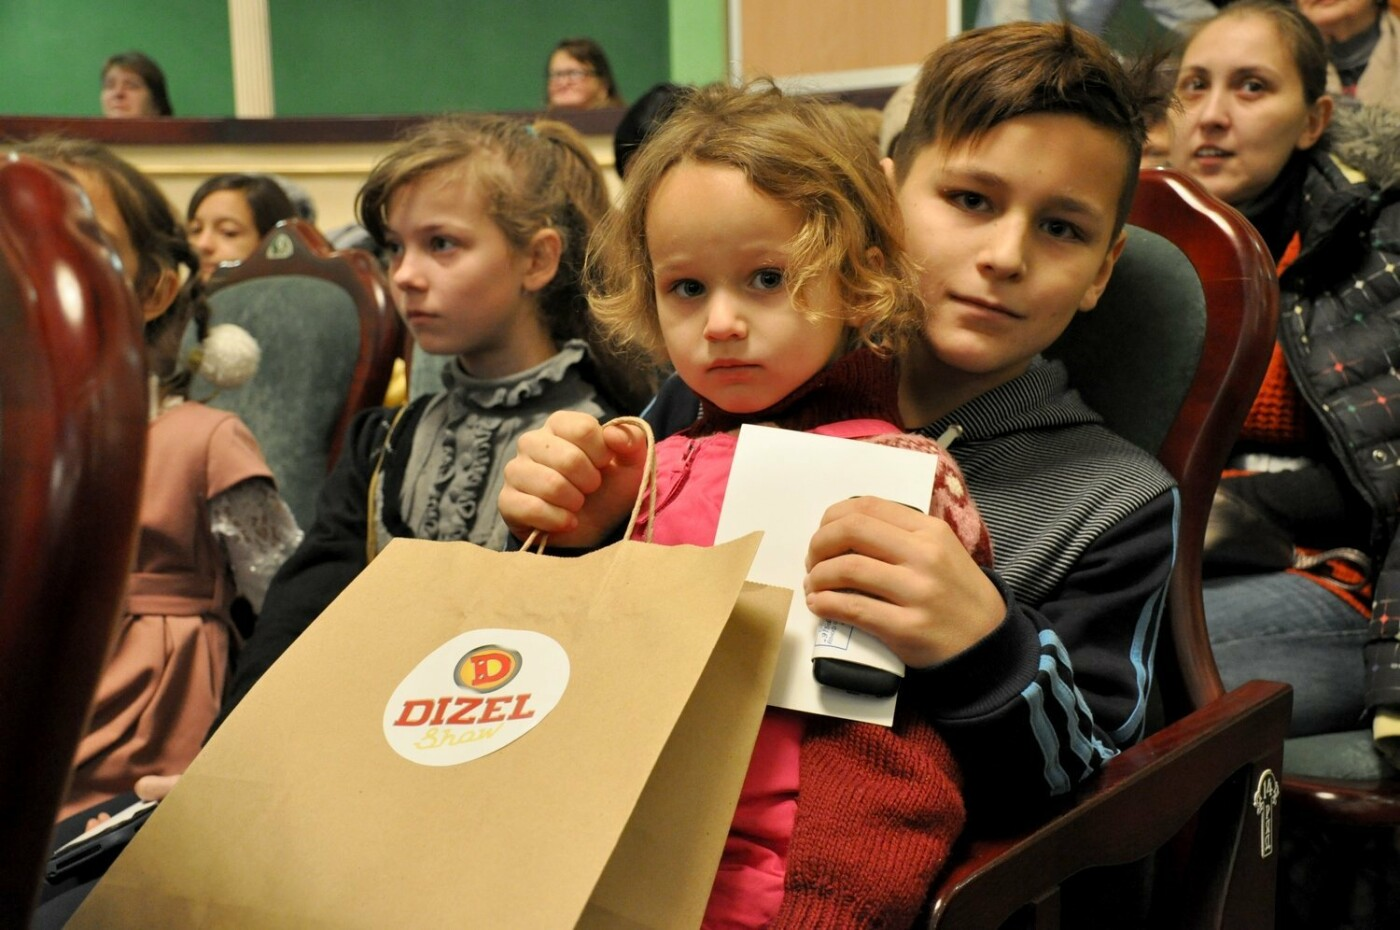 Двогодинне свято для дітей влаштувала команда «Дизель Шоу», фото-3